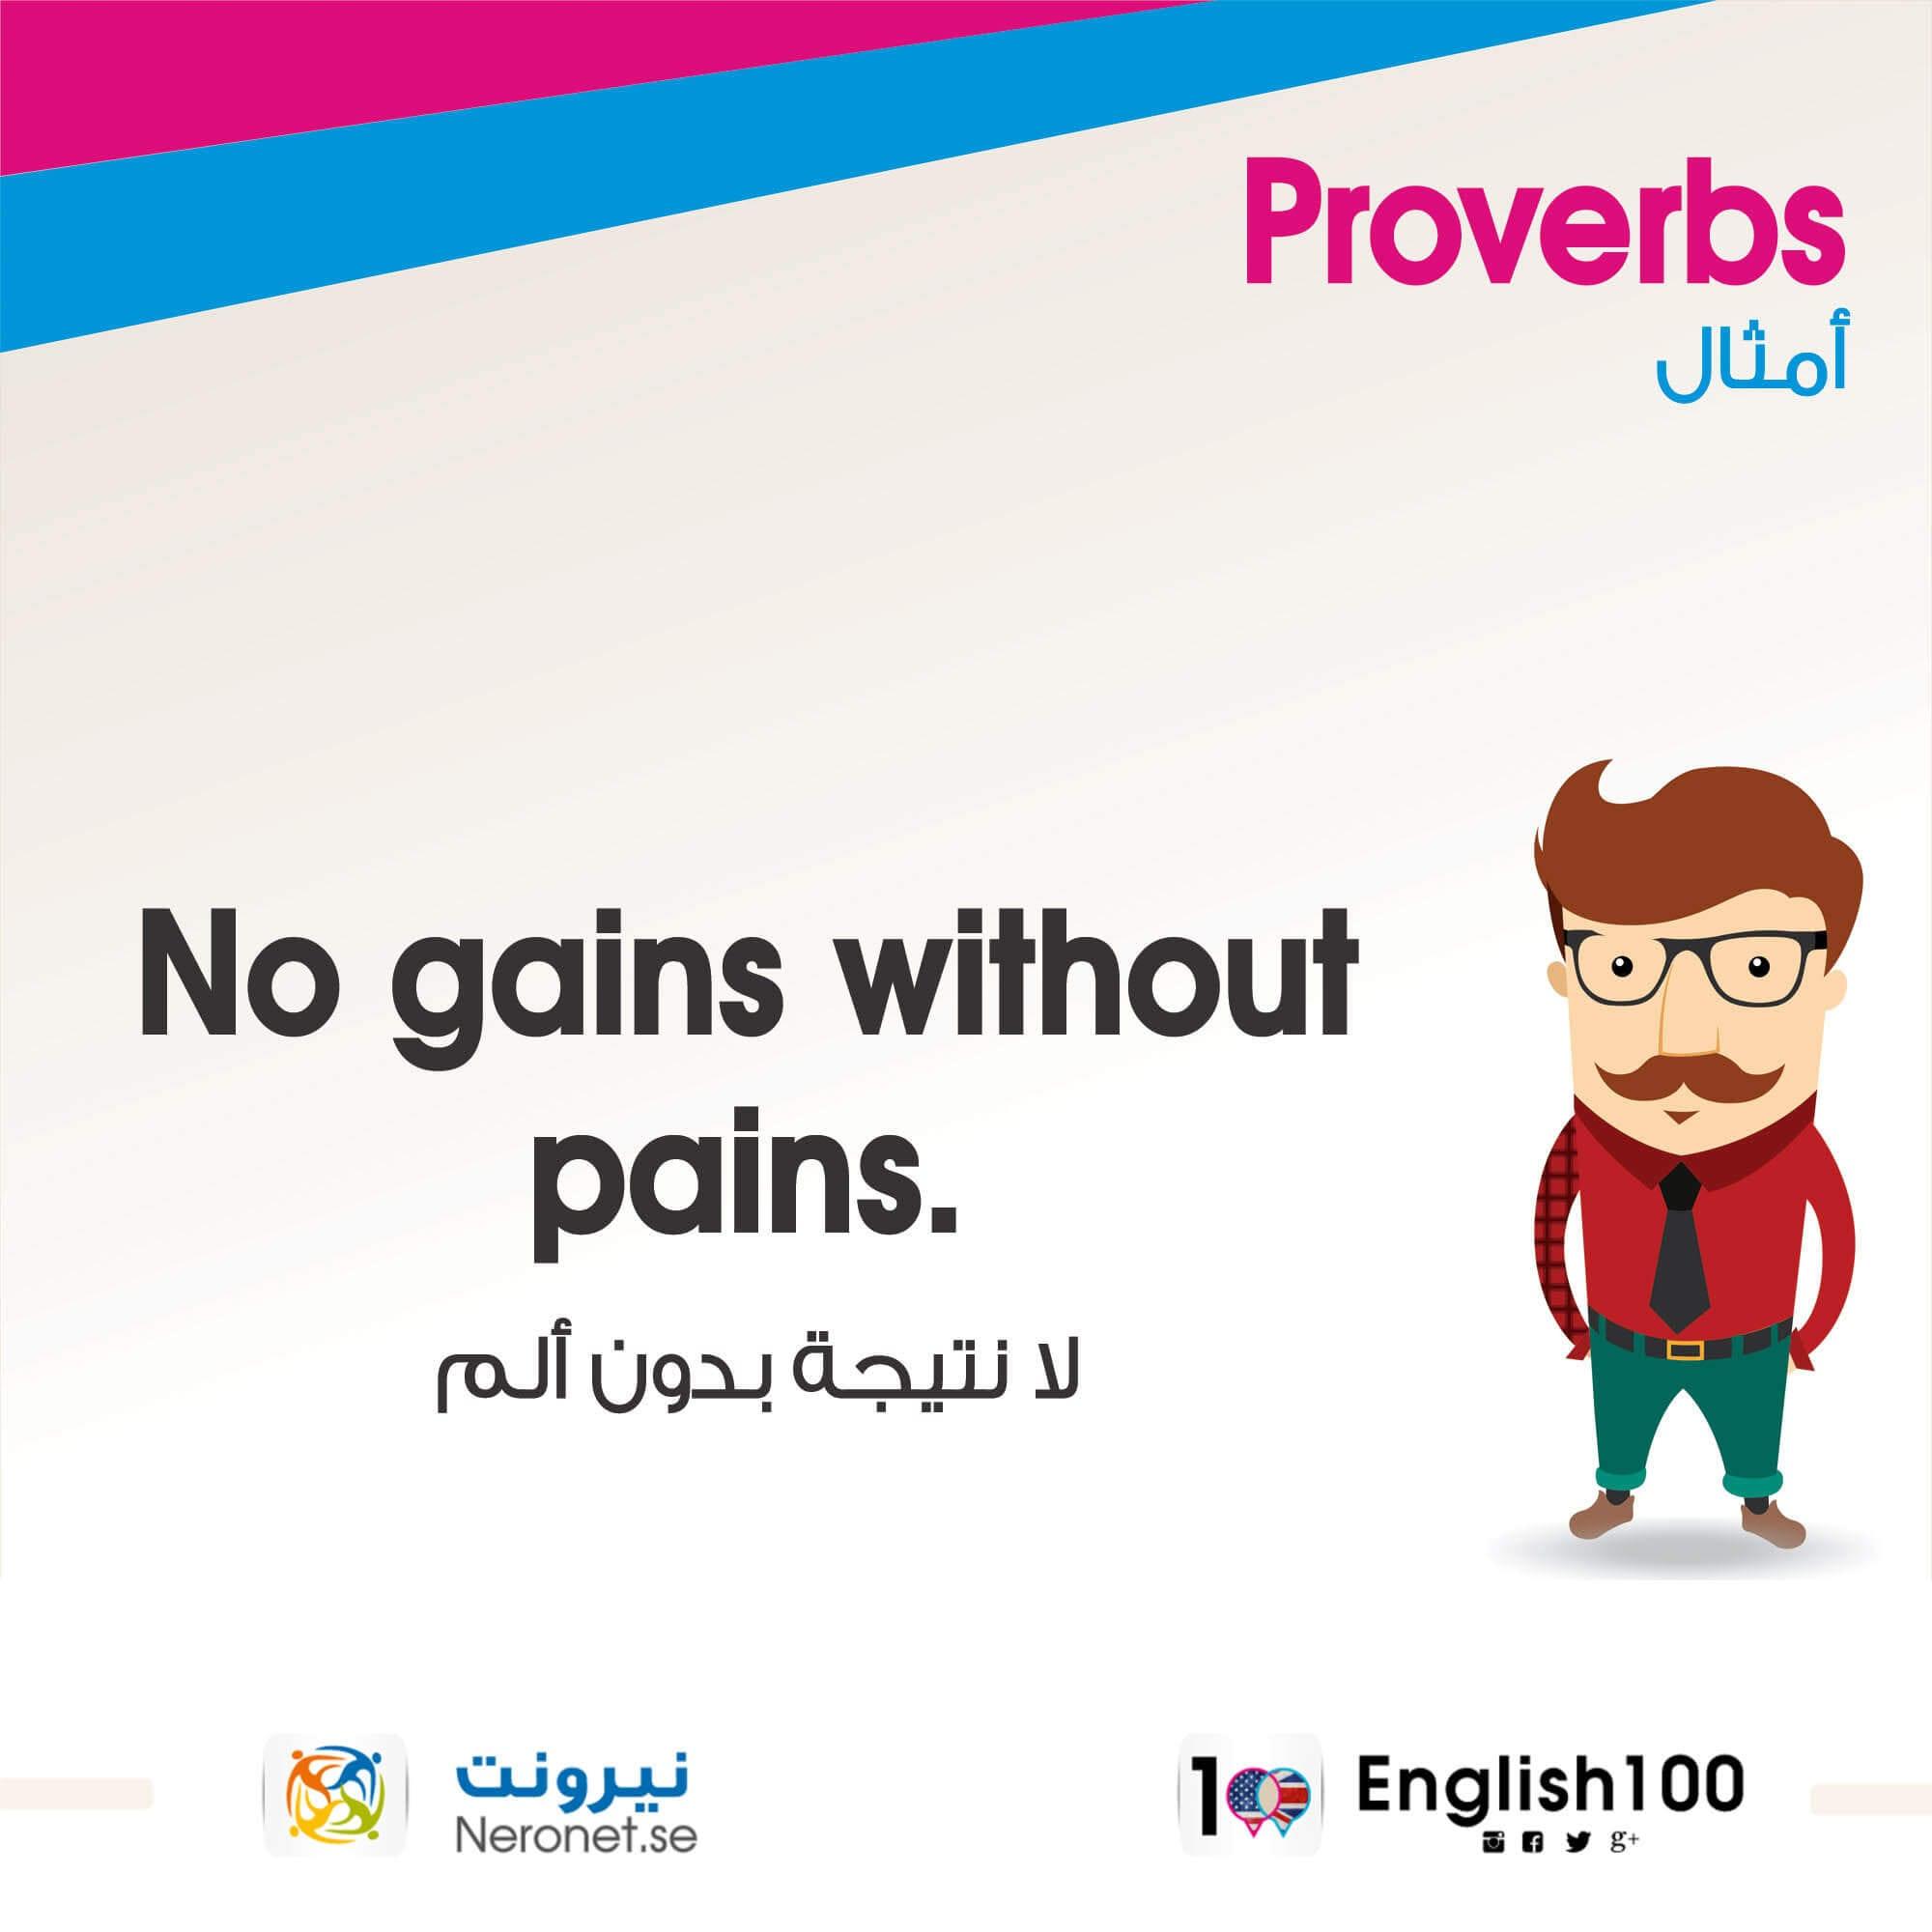 امثال باللغة الانجليزية مع الترجمة